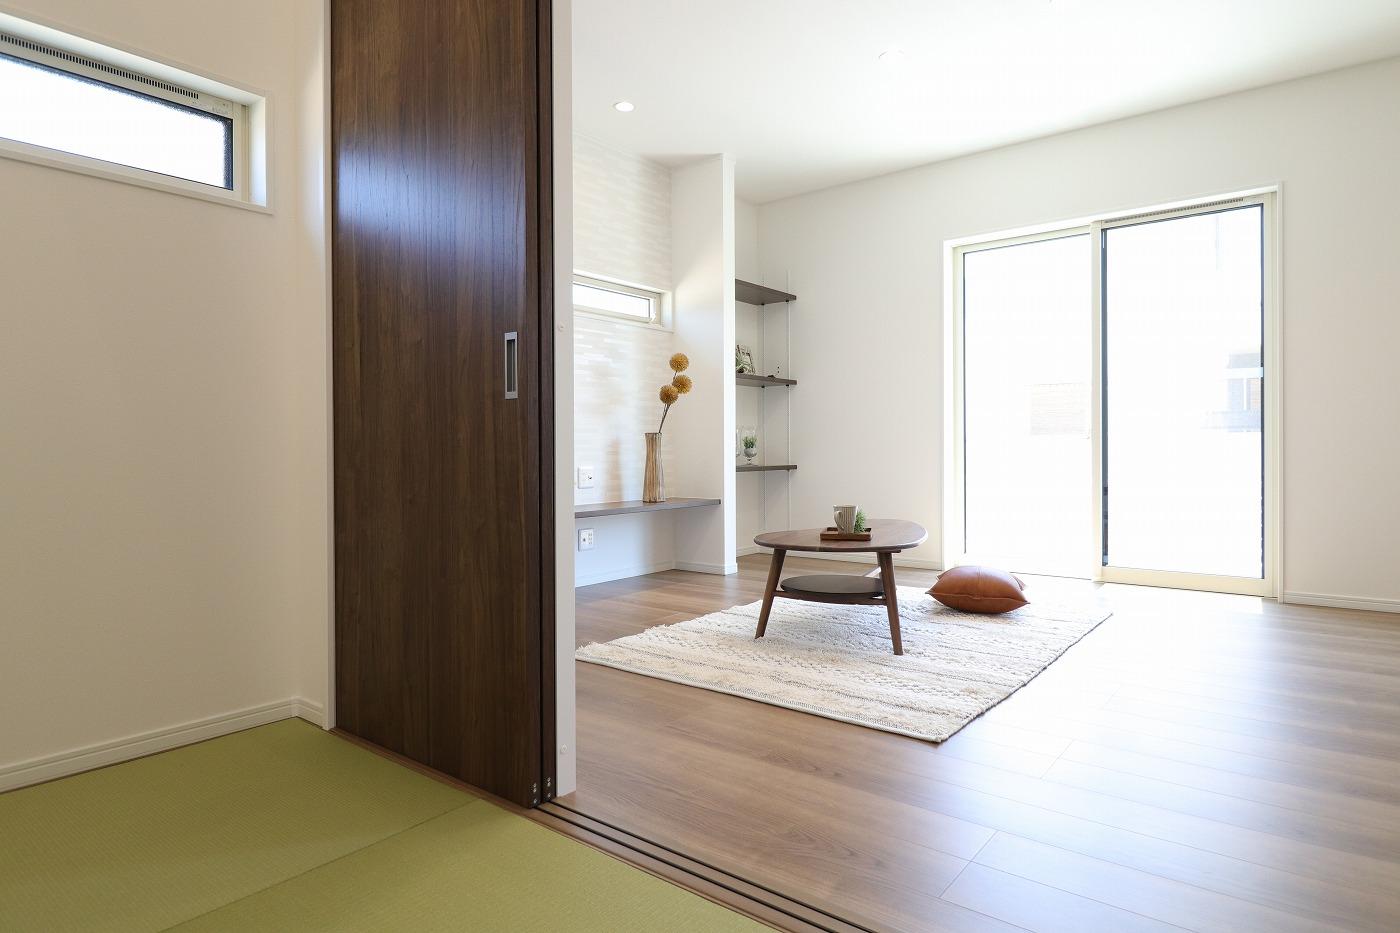 高松市木太町新築分譲建売住宅のリビング和室